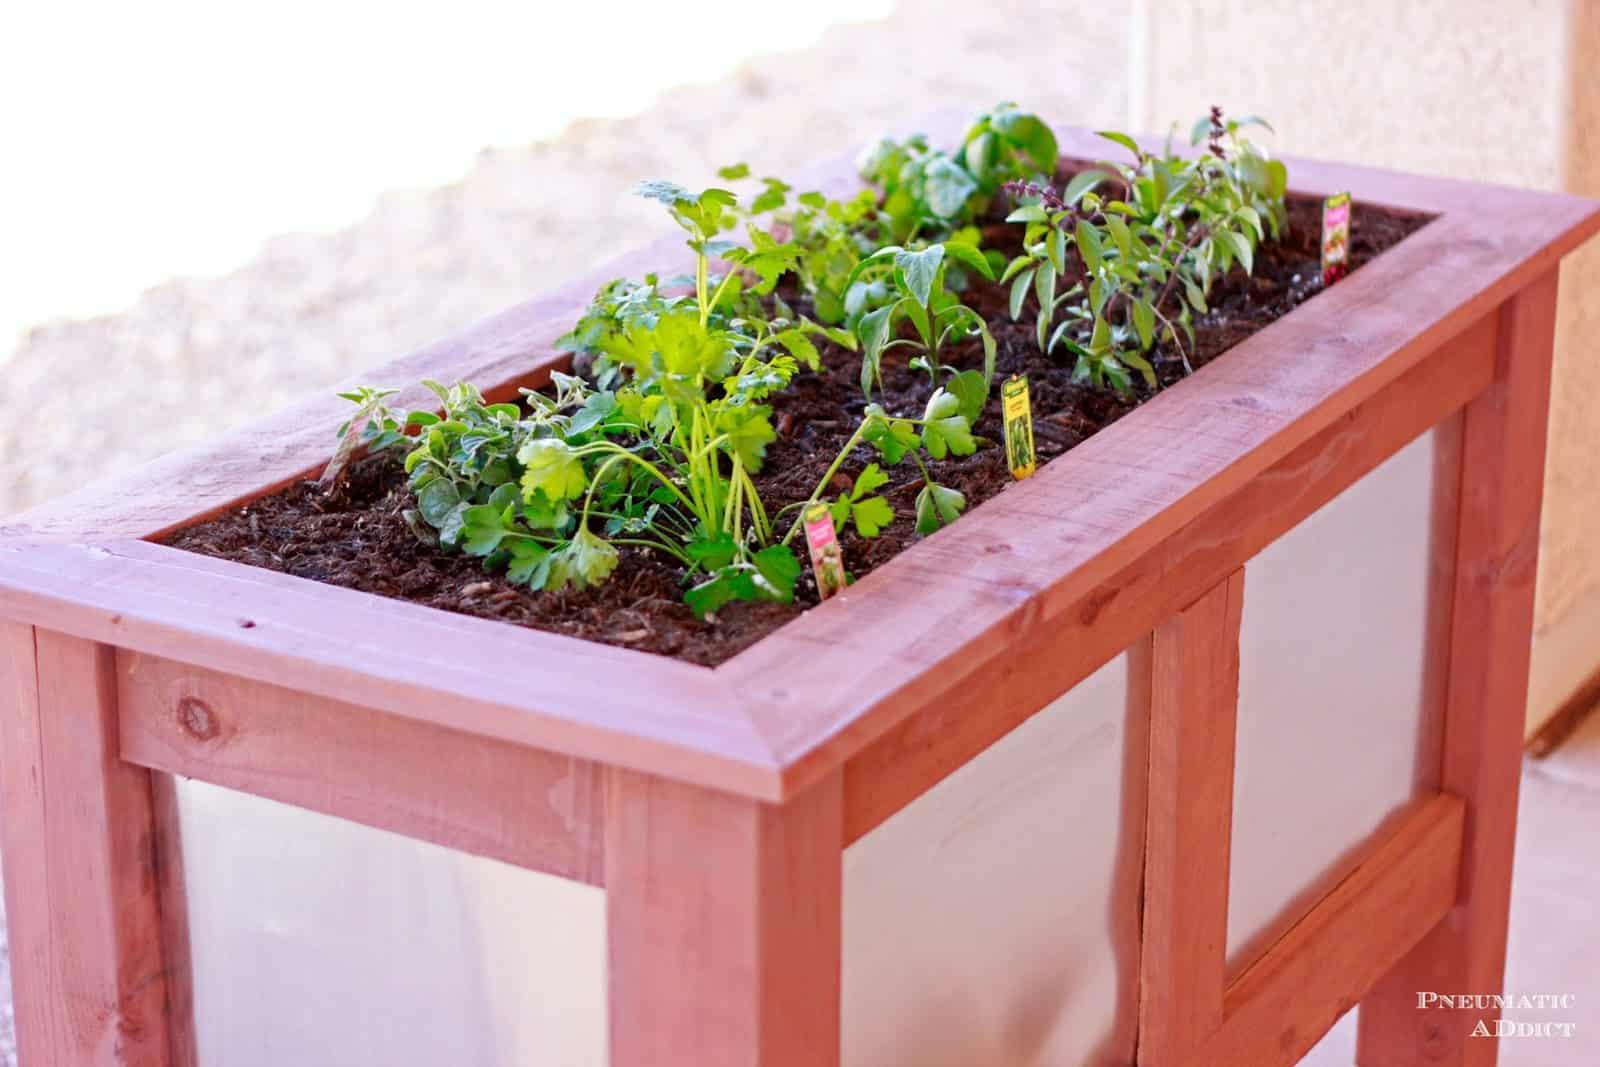 Wood and metal planter box